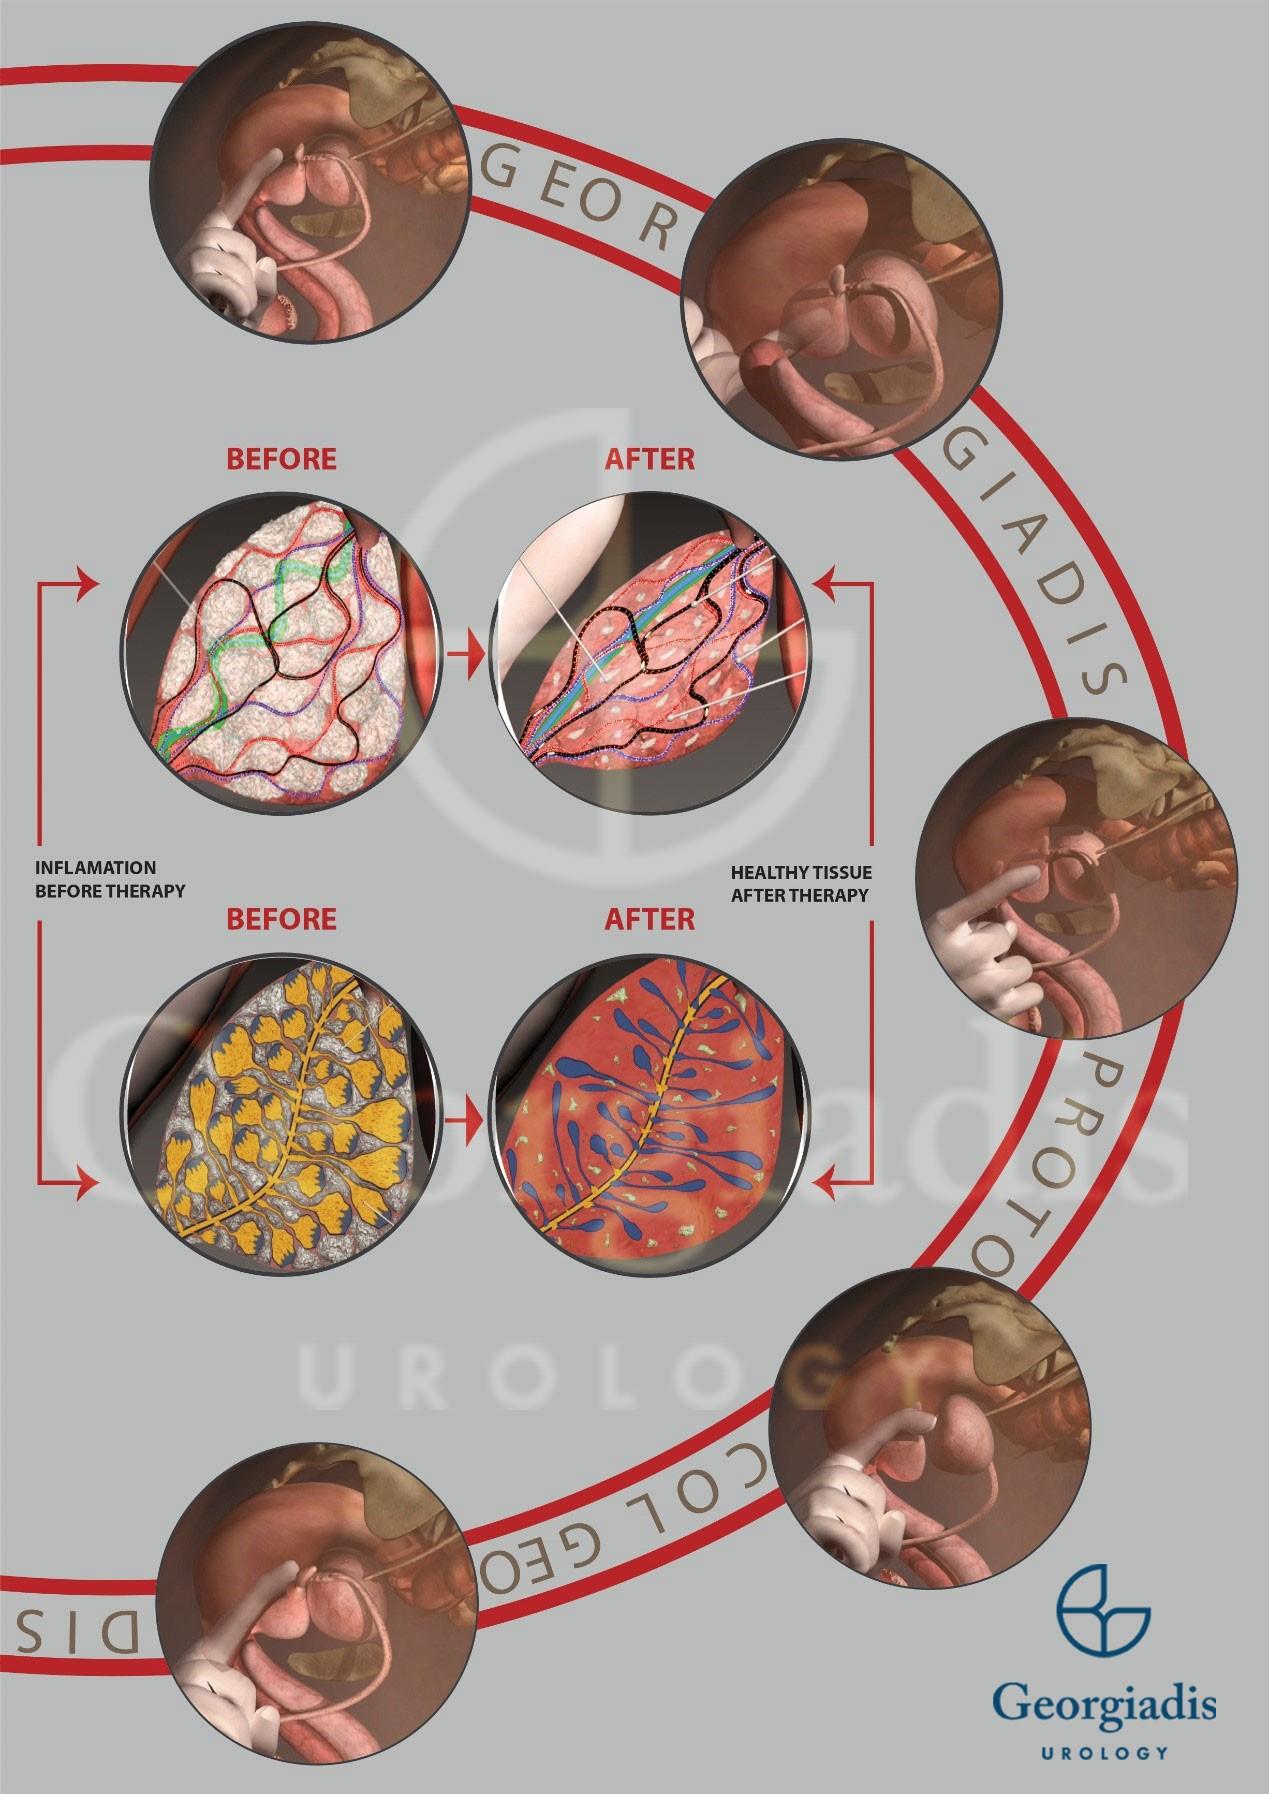 θεραπεία στυτικής δυσλειτουργίας - georgiadis urology